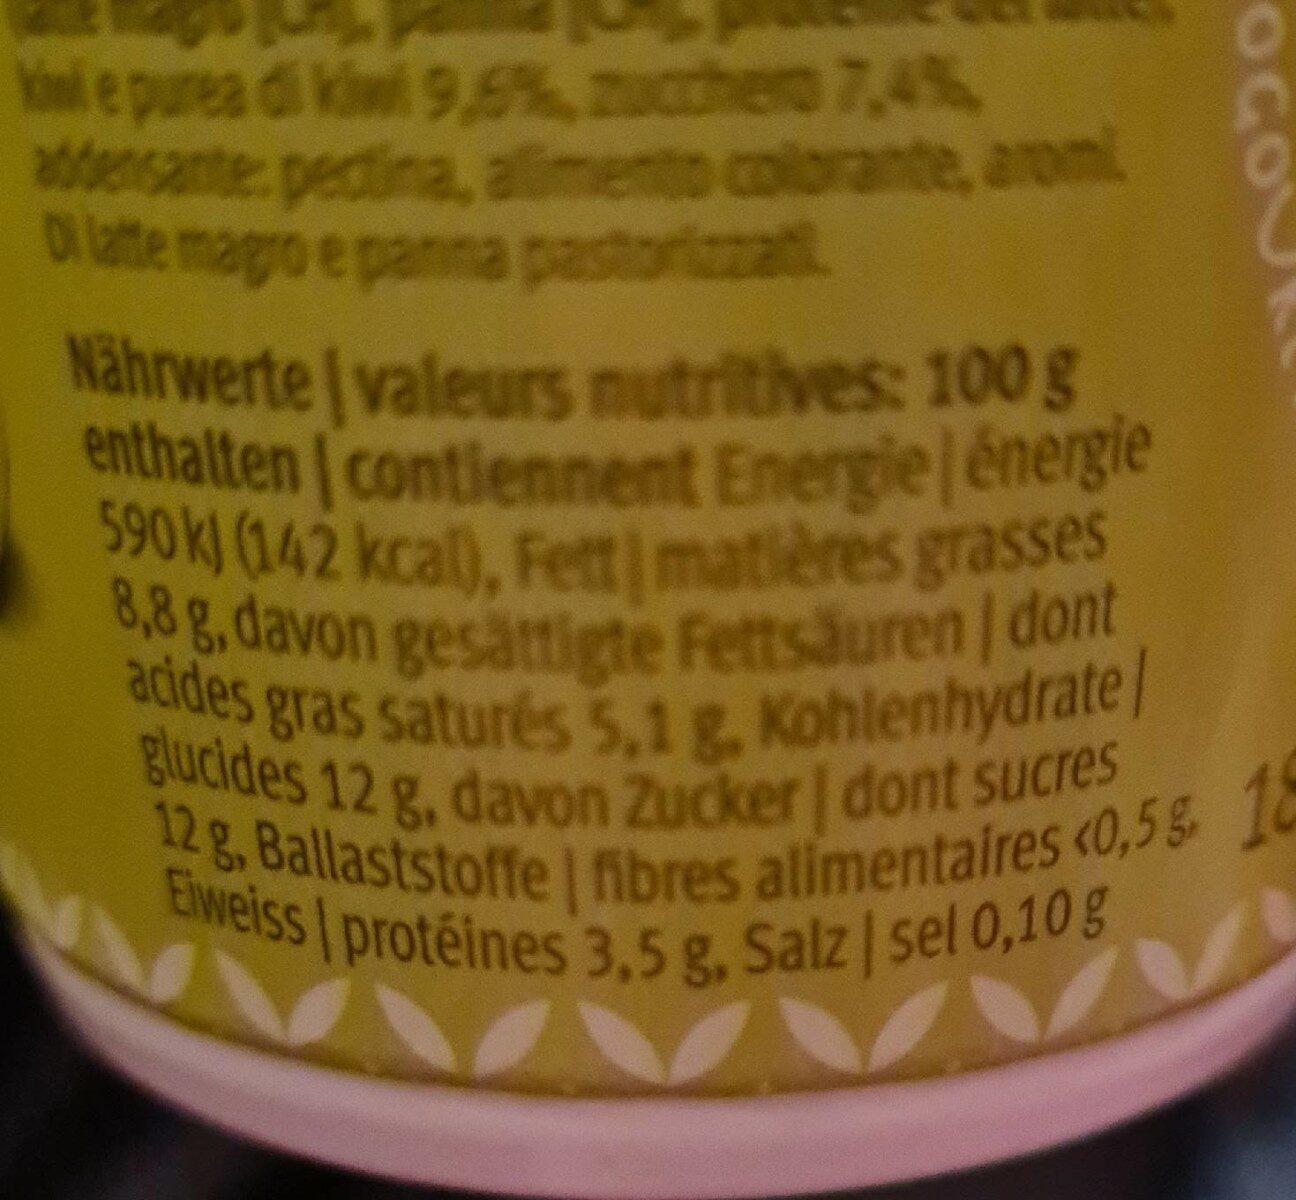 Yogos kiwi - Nutrition facts - fr